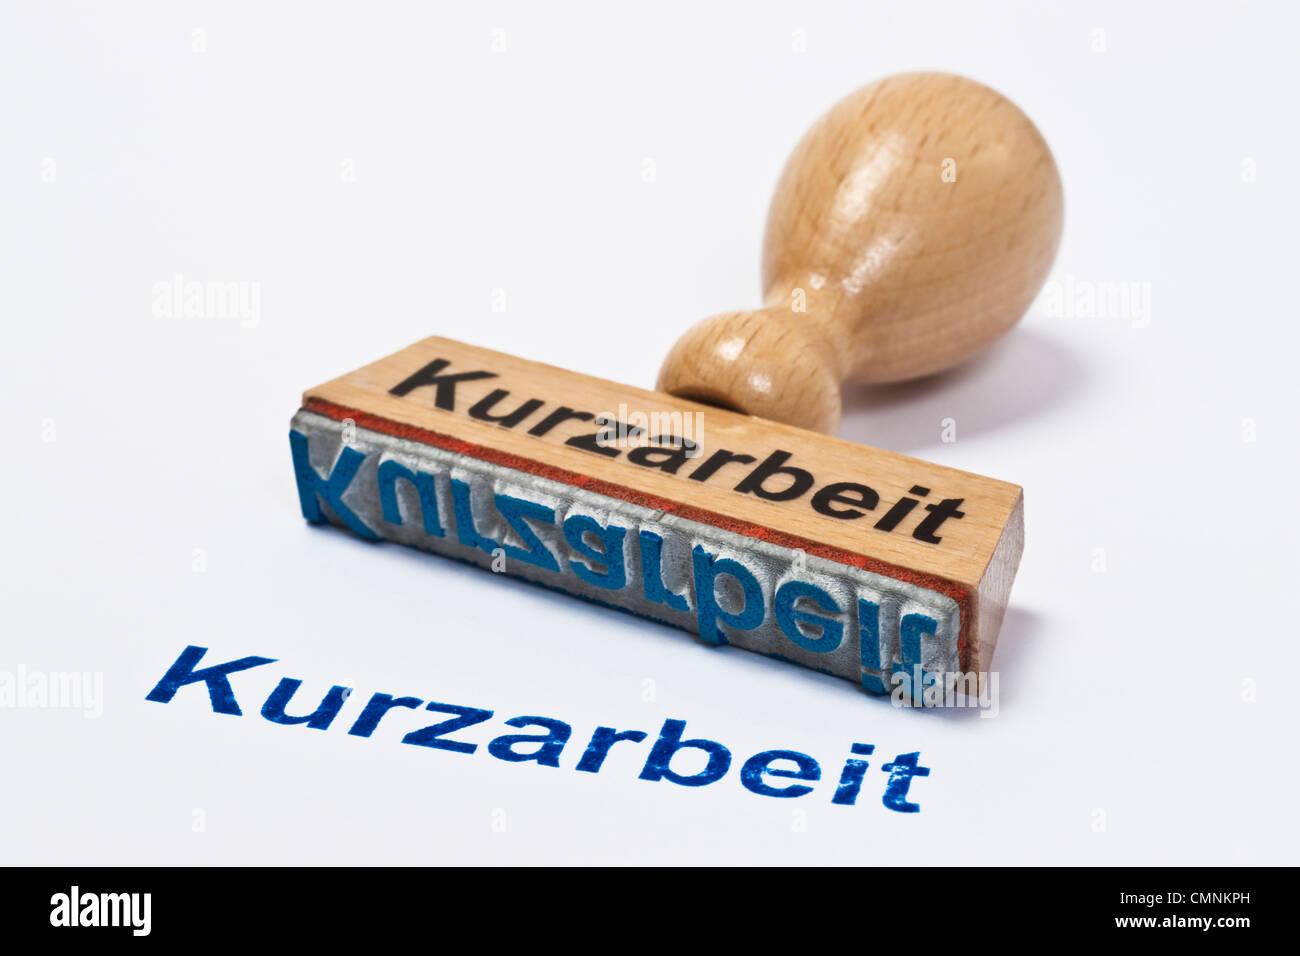 Detailansicht eines Stempels mit der Aufschrift Kurzarbeit | Detail photo of a stamp with inscription in German Stock Photo